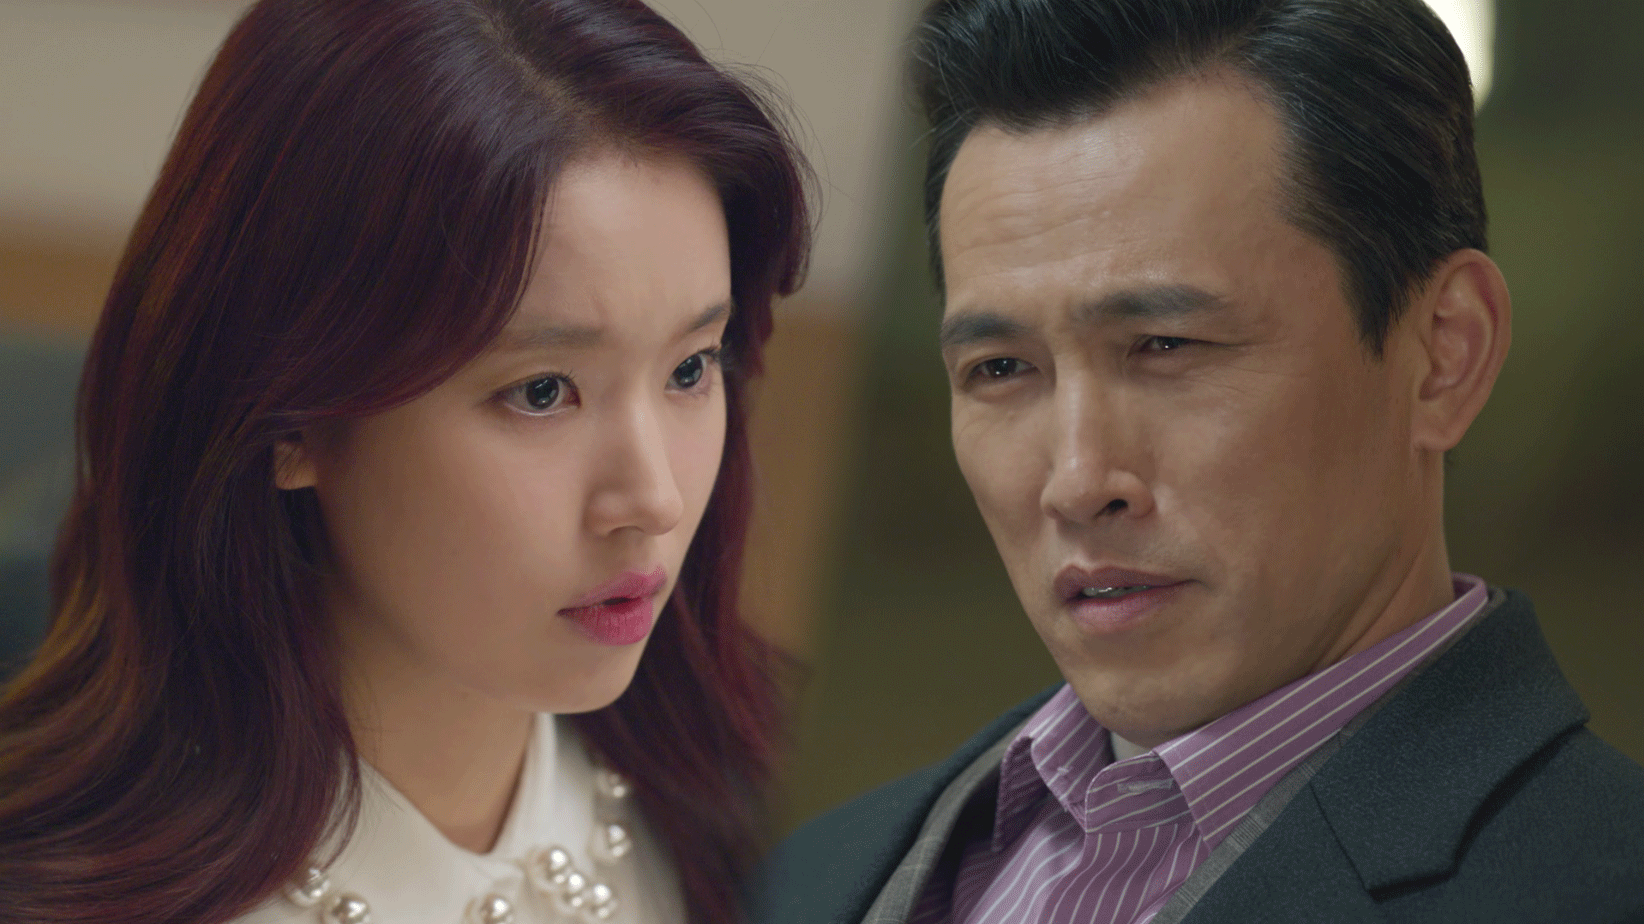 절대악 아빠 유오성 향해 박환희가 던진 최후의 카드